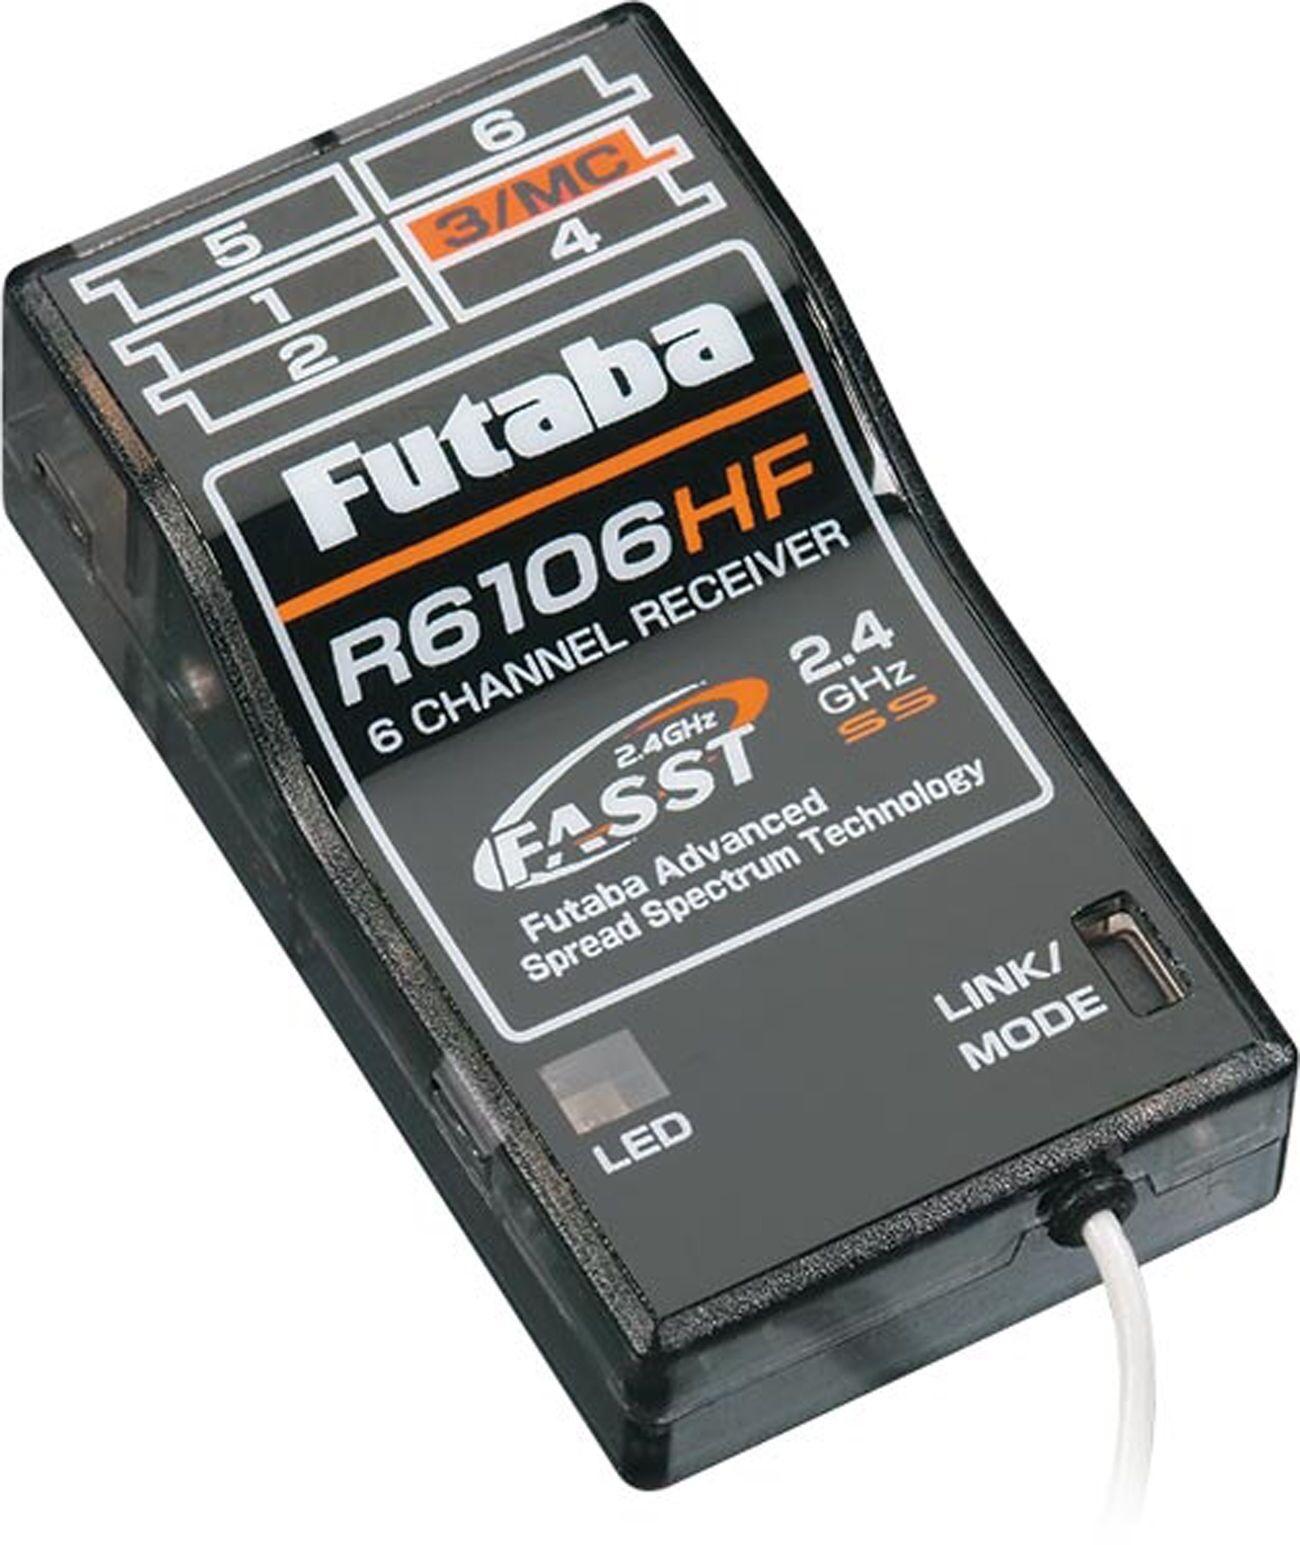 Futaba R6106HF 2.4GHz FASST 6Channel Rx Park Flyer 10C 10CAG 10CHG FUTL7650